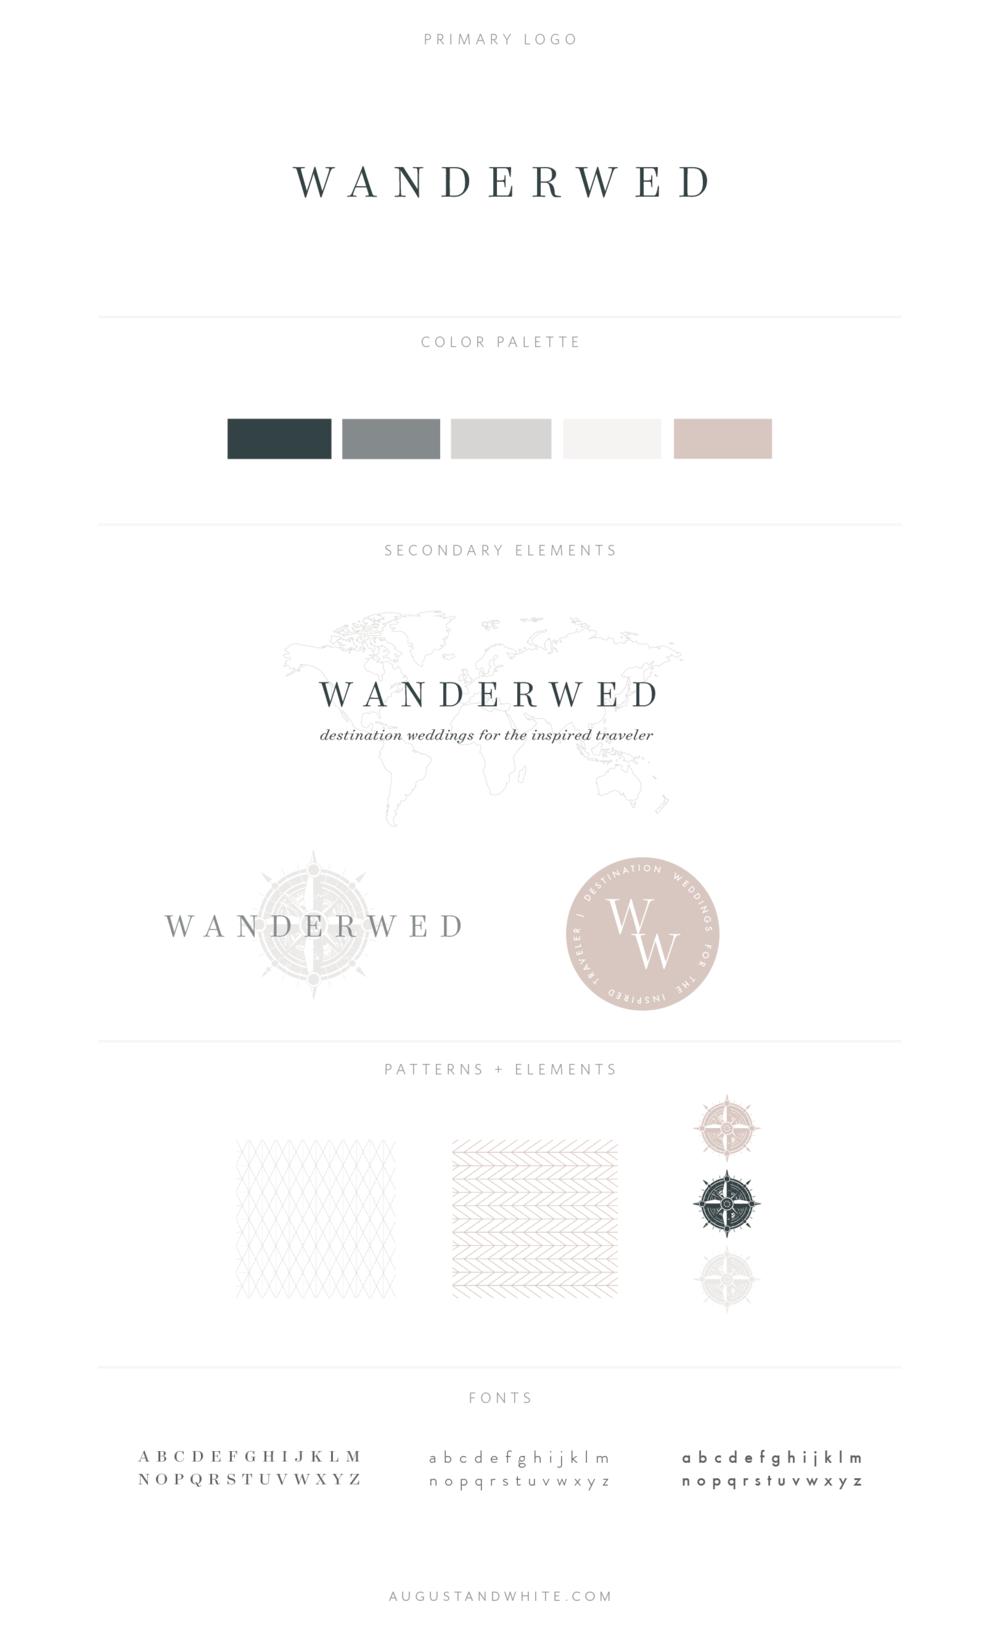 Wanderwed Brand Board.png